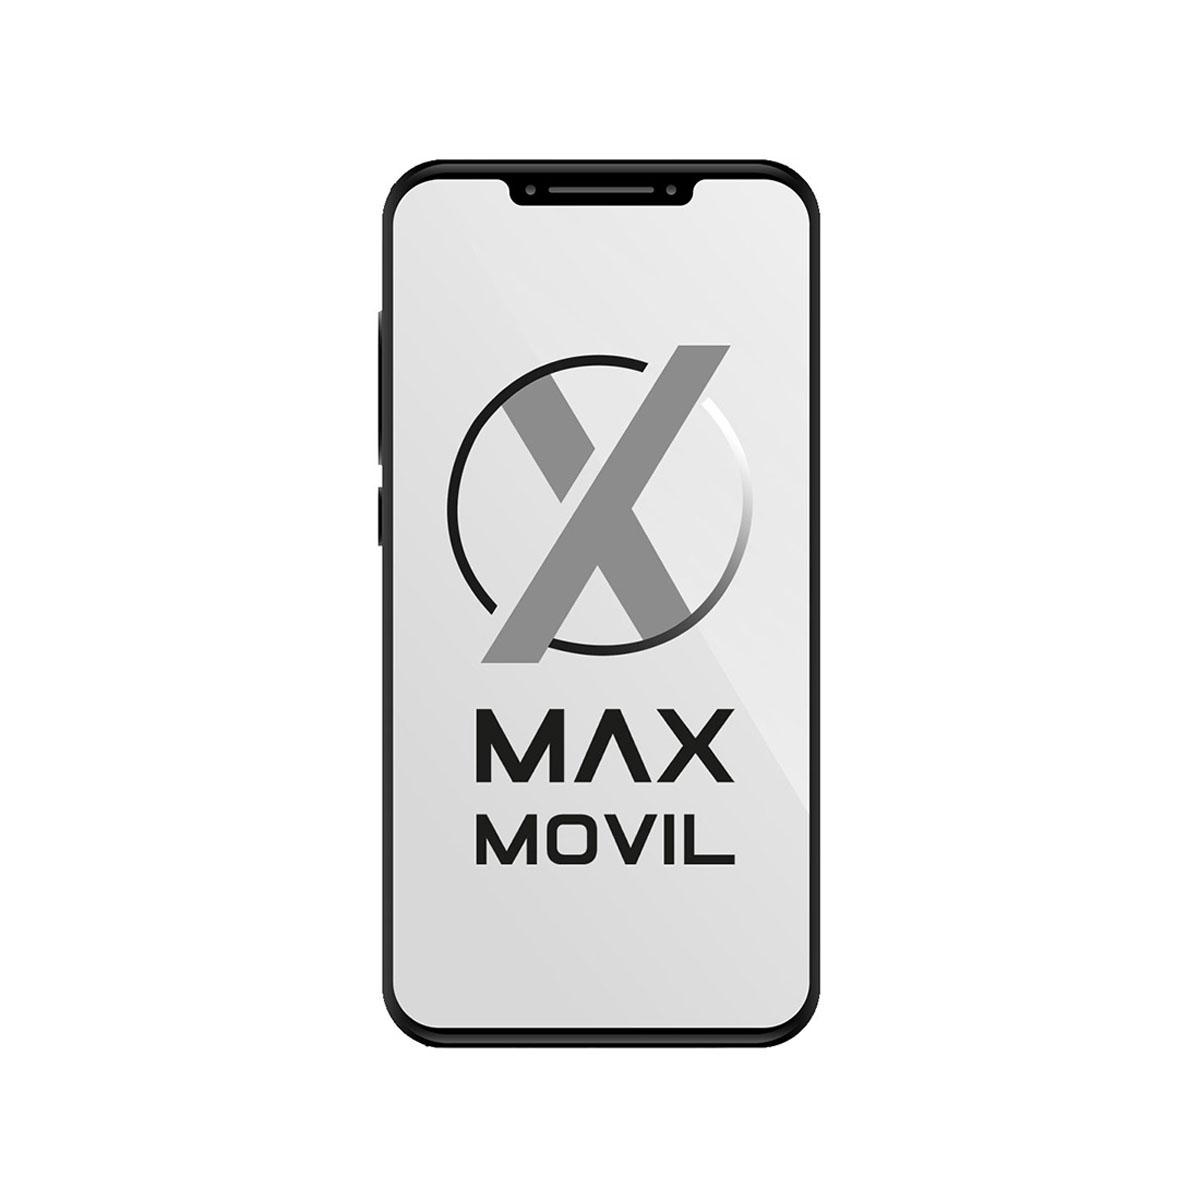 Apple iPhone XS Reacondicionado 64GB Gris (Space Grey)